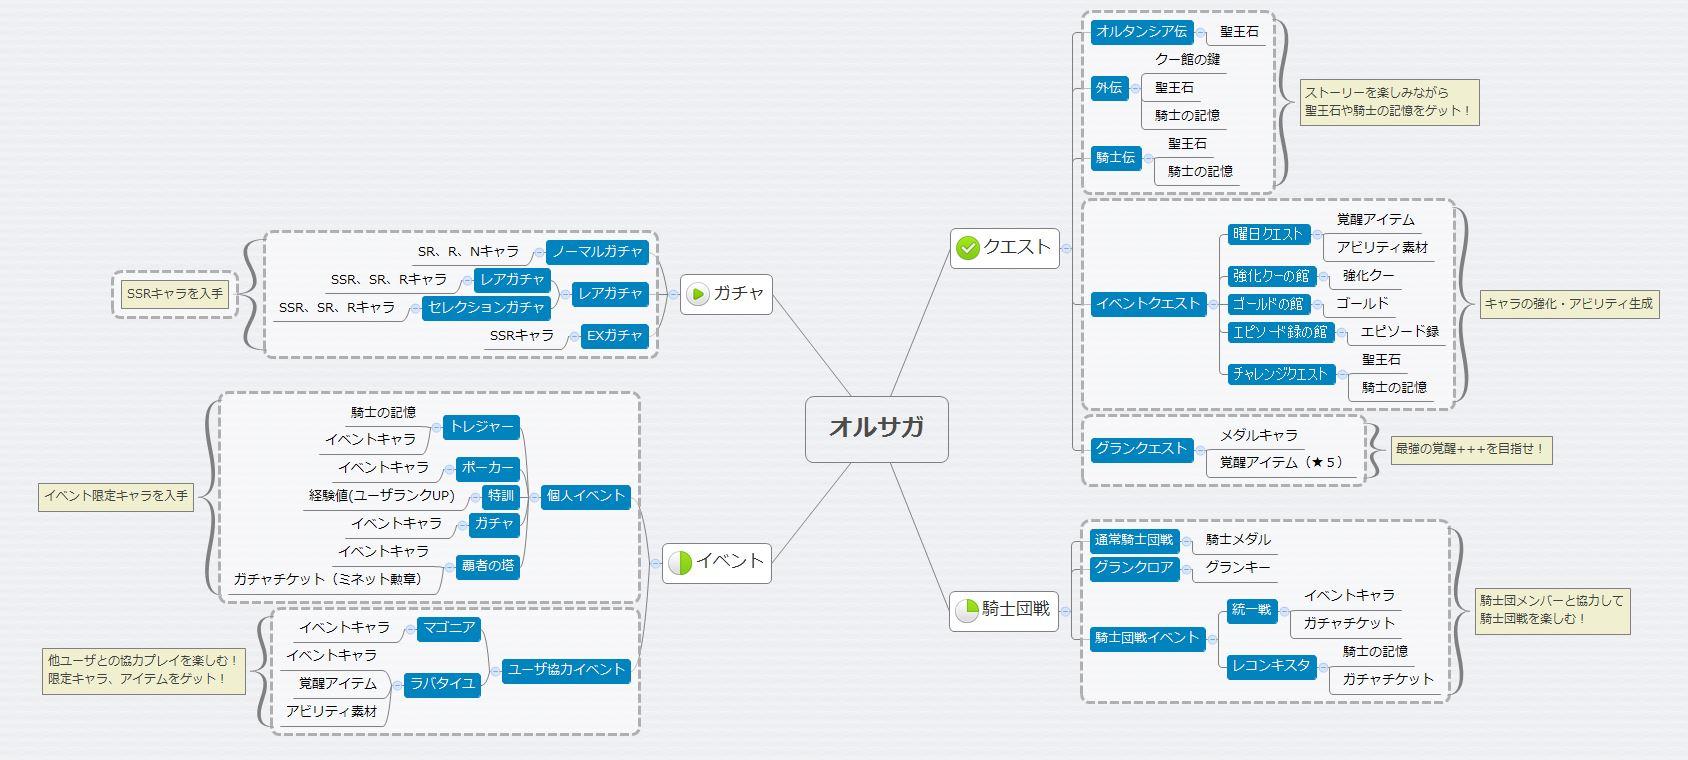 オルサガ初心者向け_全体マップ